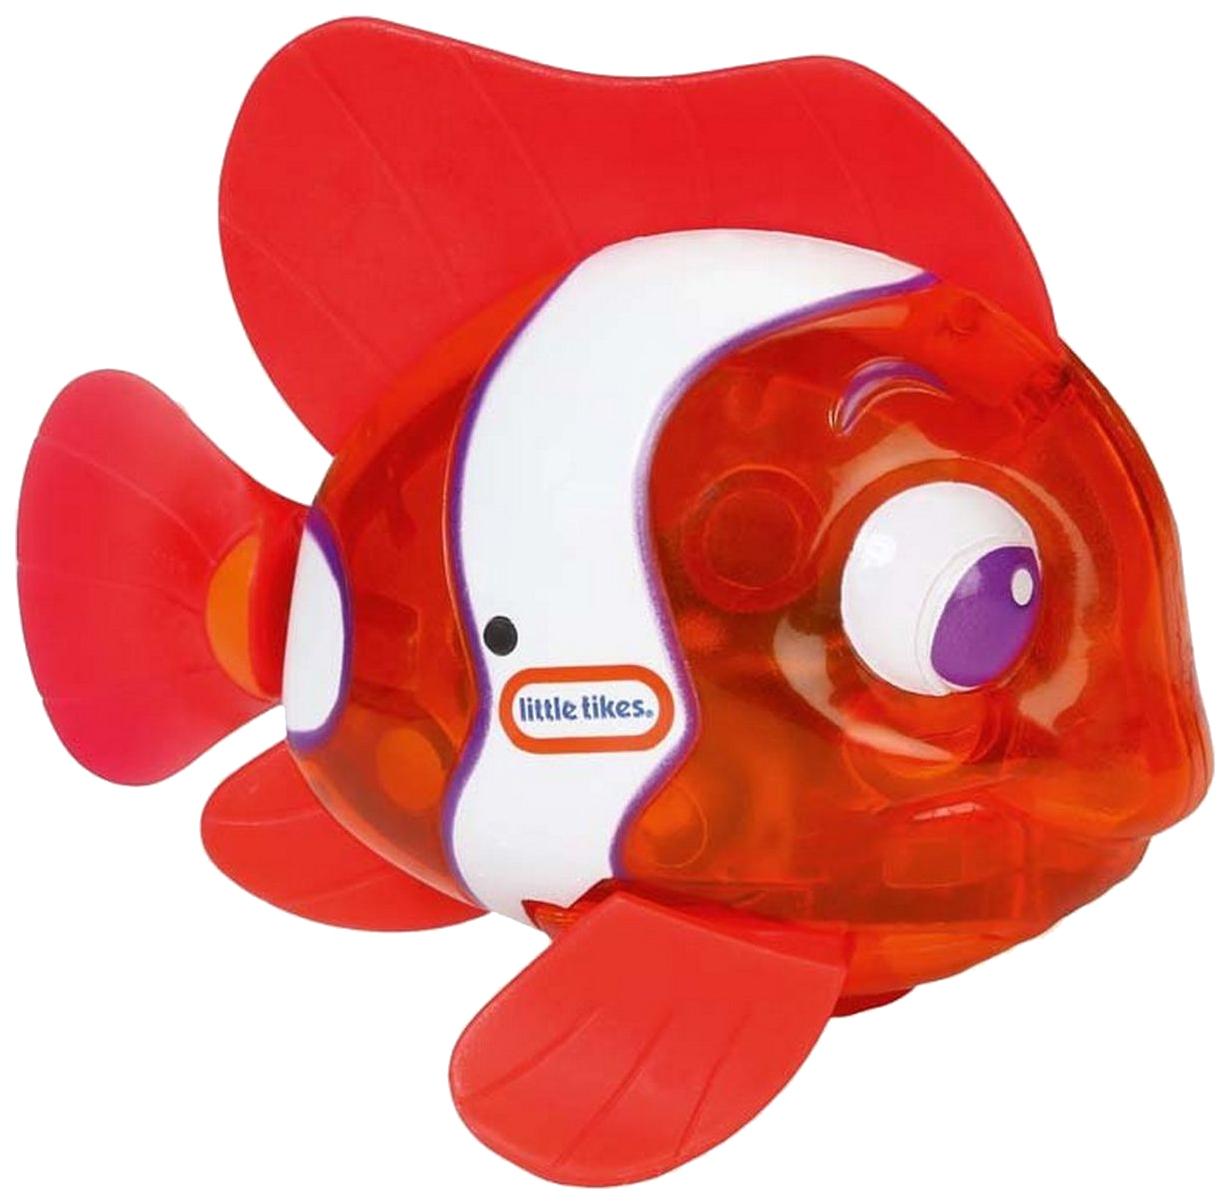 Купить Игрушка для ванны Рыбка Огонек - Рыба-клоун (свет) Little Tikes, Игрушки для купания